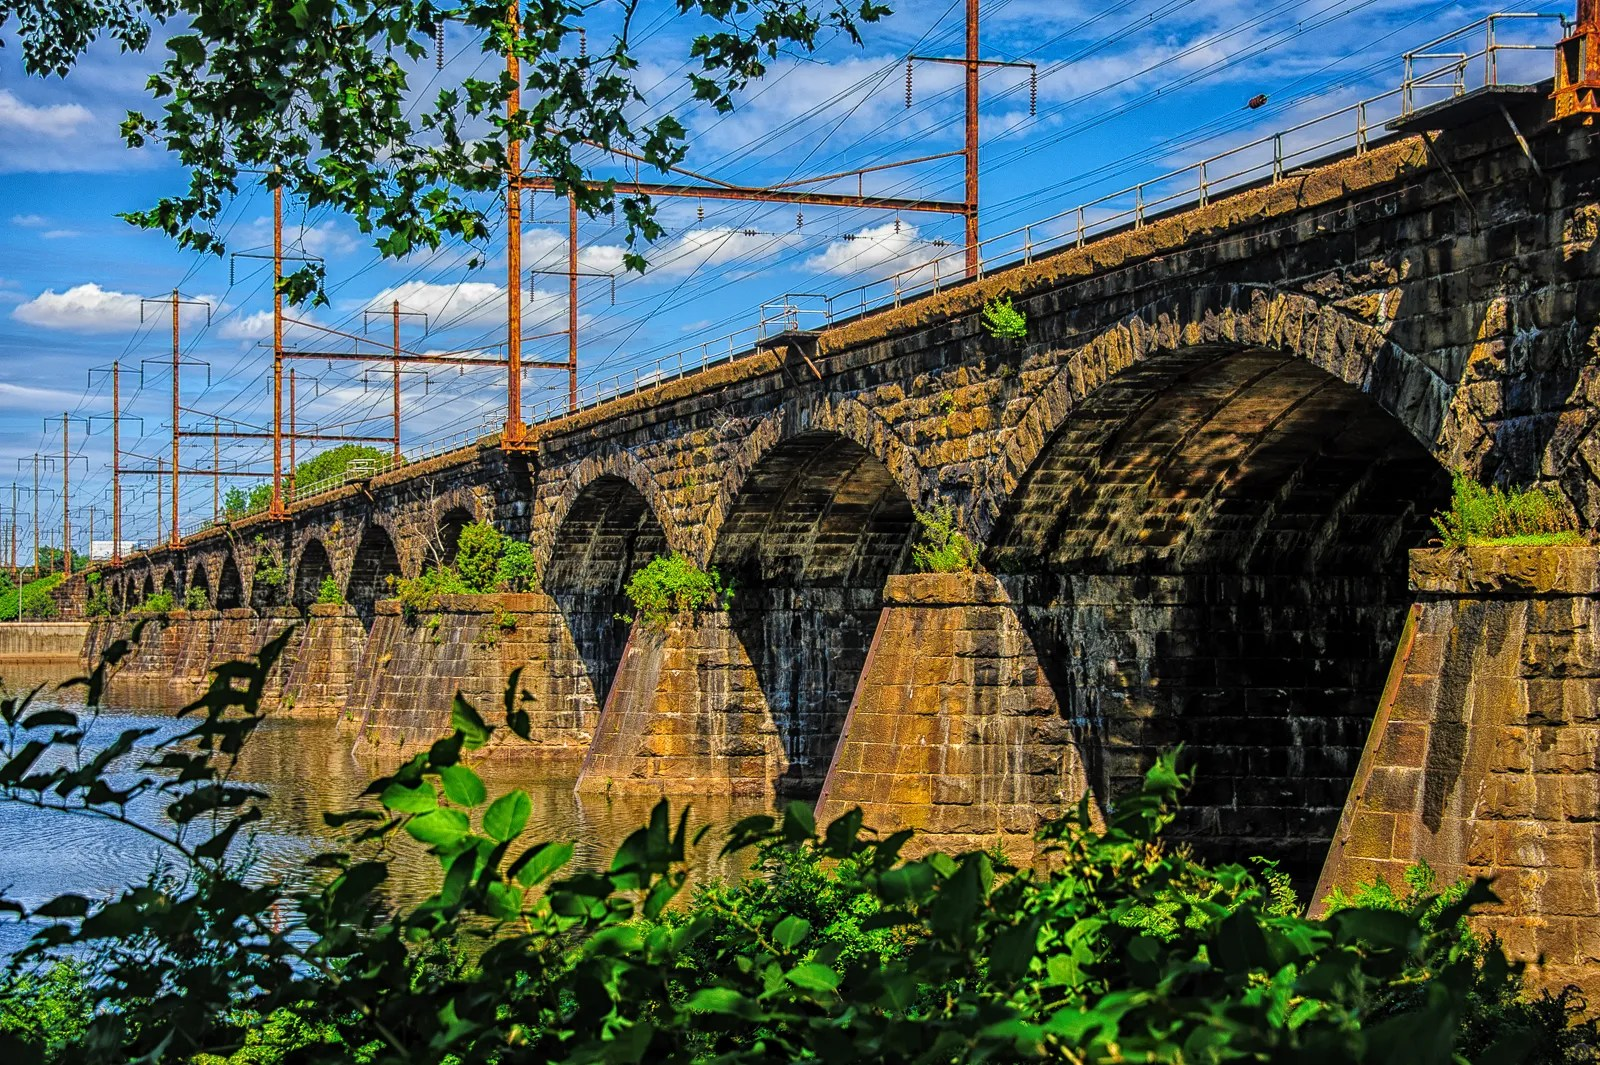 trenton-railroad-bridge